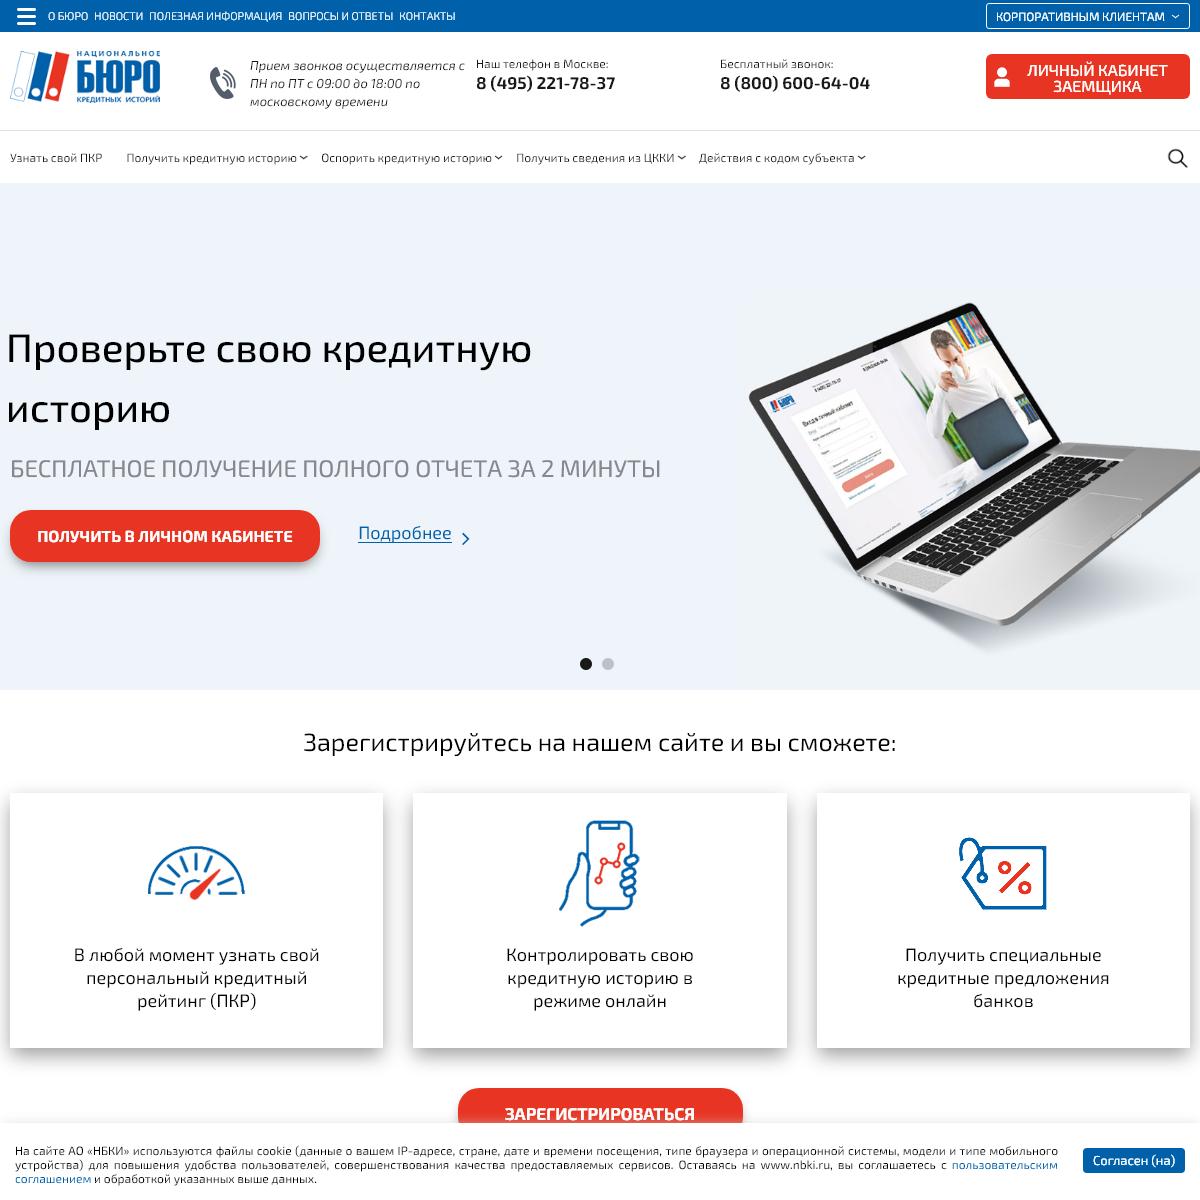 Национальное бюро кредитных историй- проверить кредитную историю онл